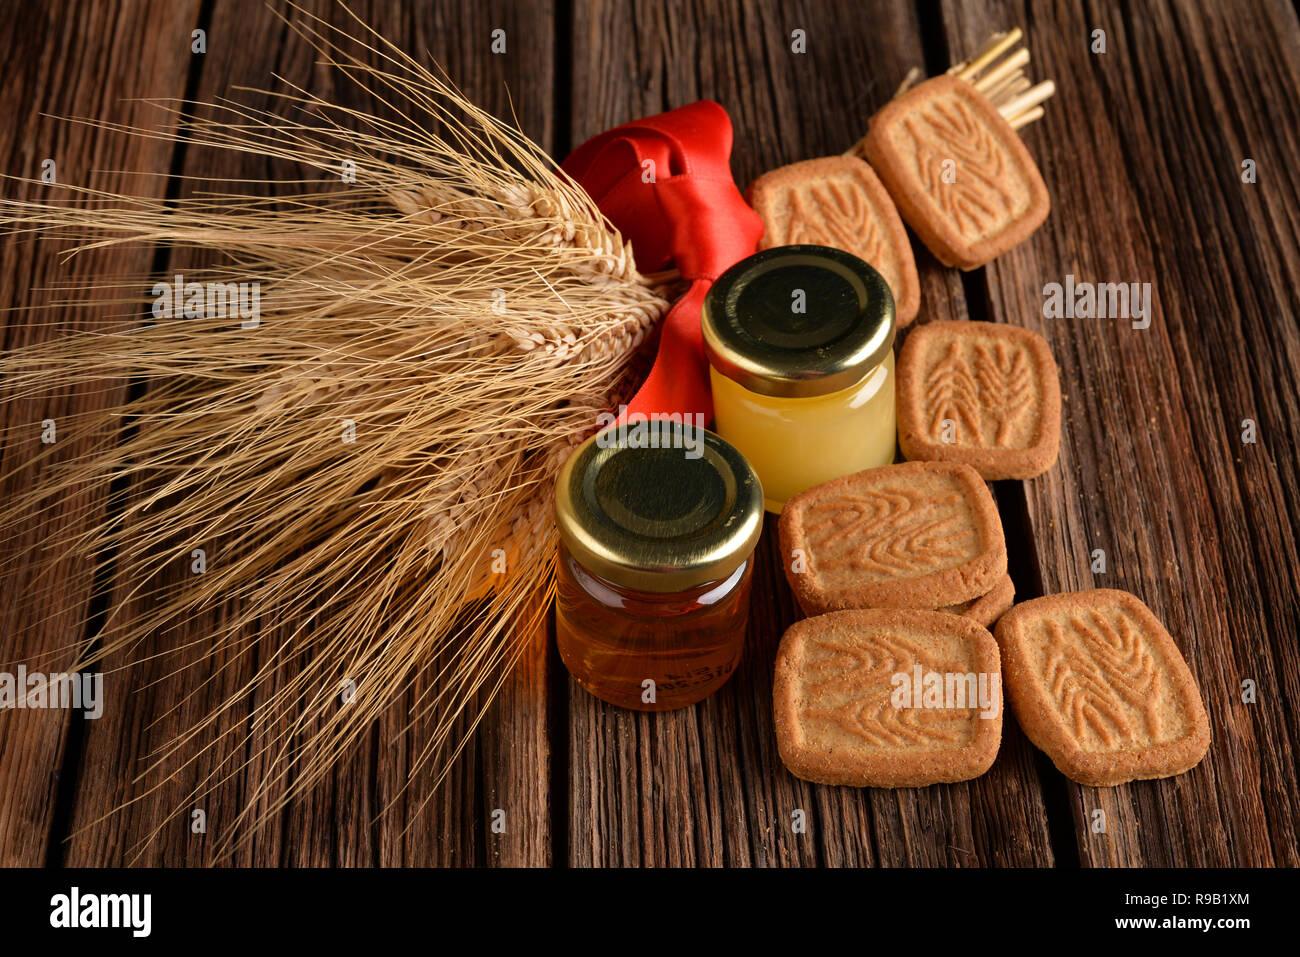 Le yogourt avec des céréales et des biscuits ont le miel sur table en bois Photo Stock